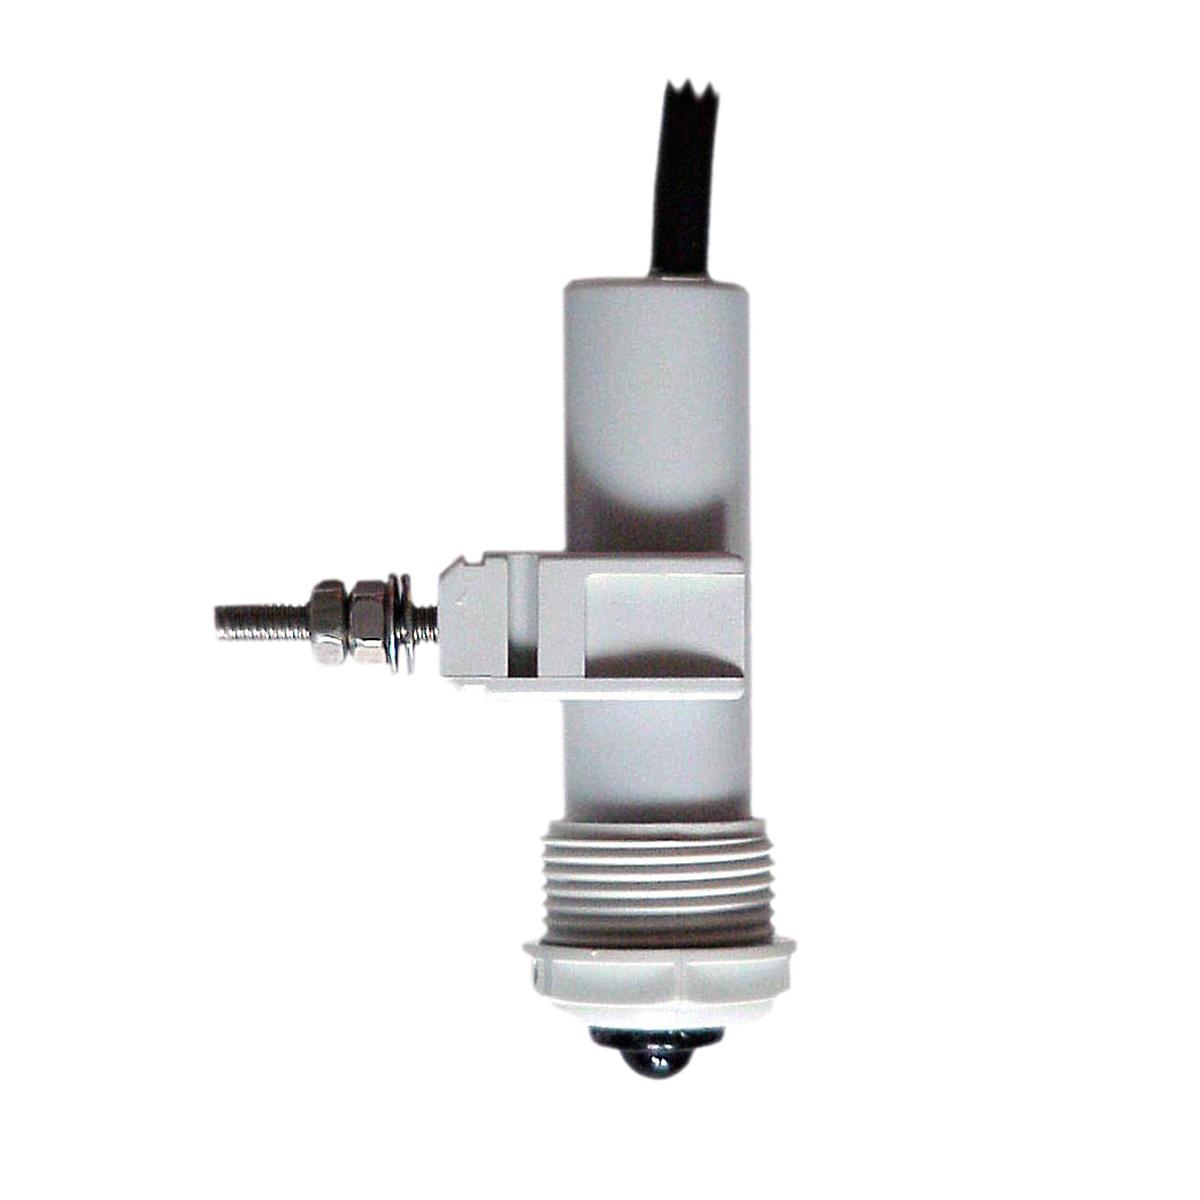 Optische Füllstandssonde Kunststoff/V4a für alle Flüssigkeiten, 10m Kabel Optische Füllstandssonde Kunststoff/V4a für alle Flüssigkeiten, 10m Kabel